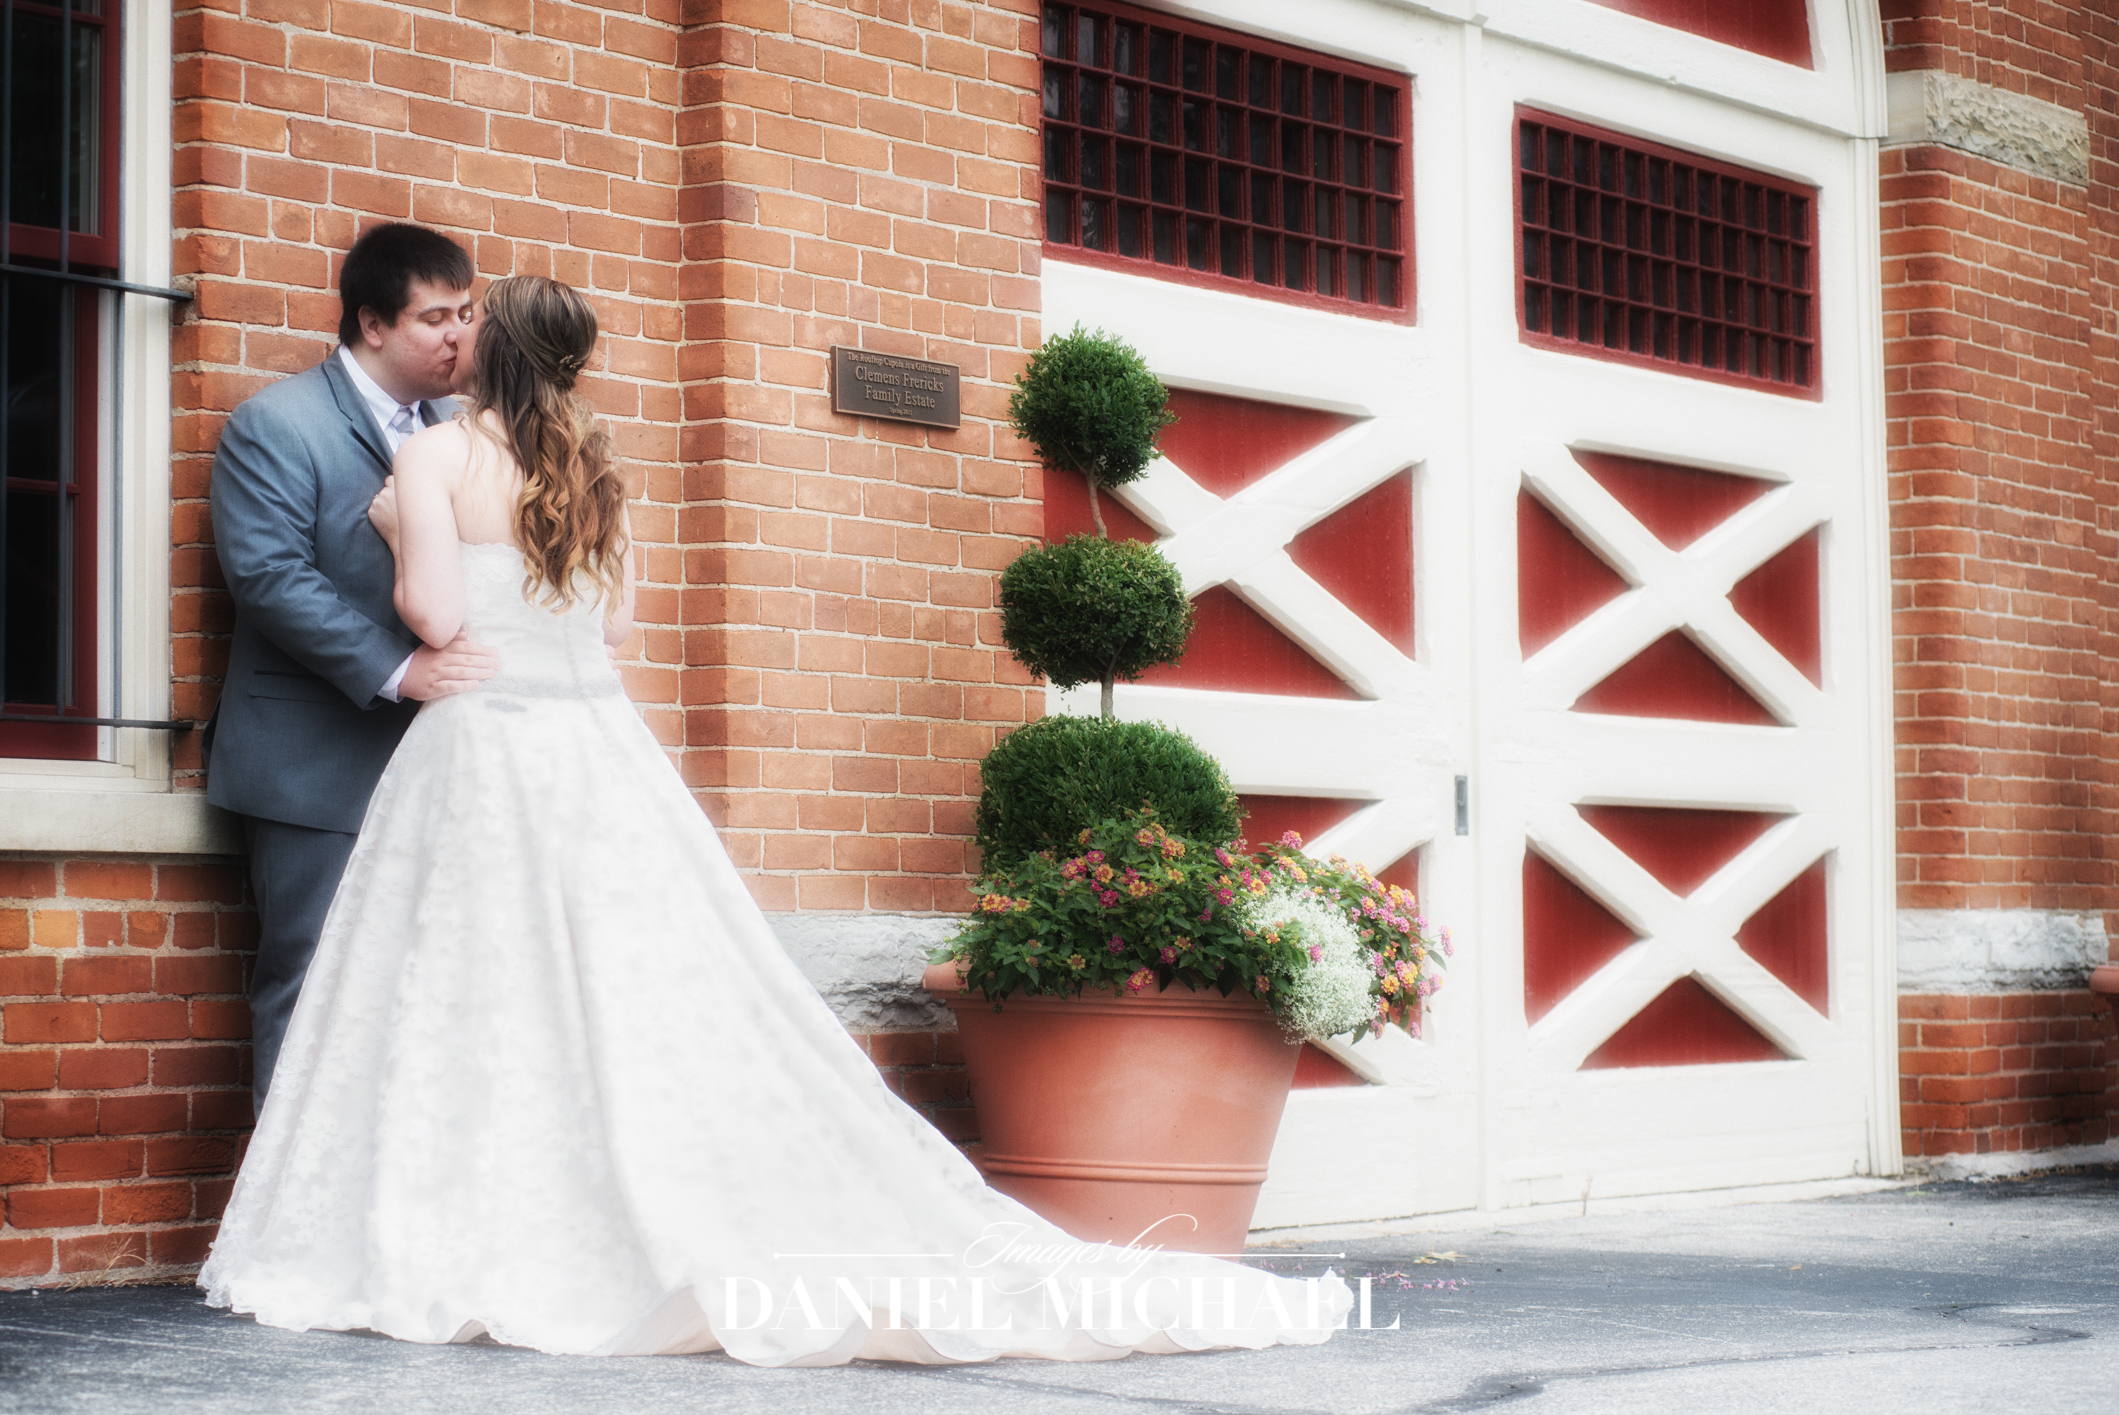 Centennial Barn Wedding Photography